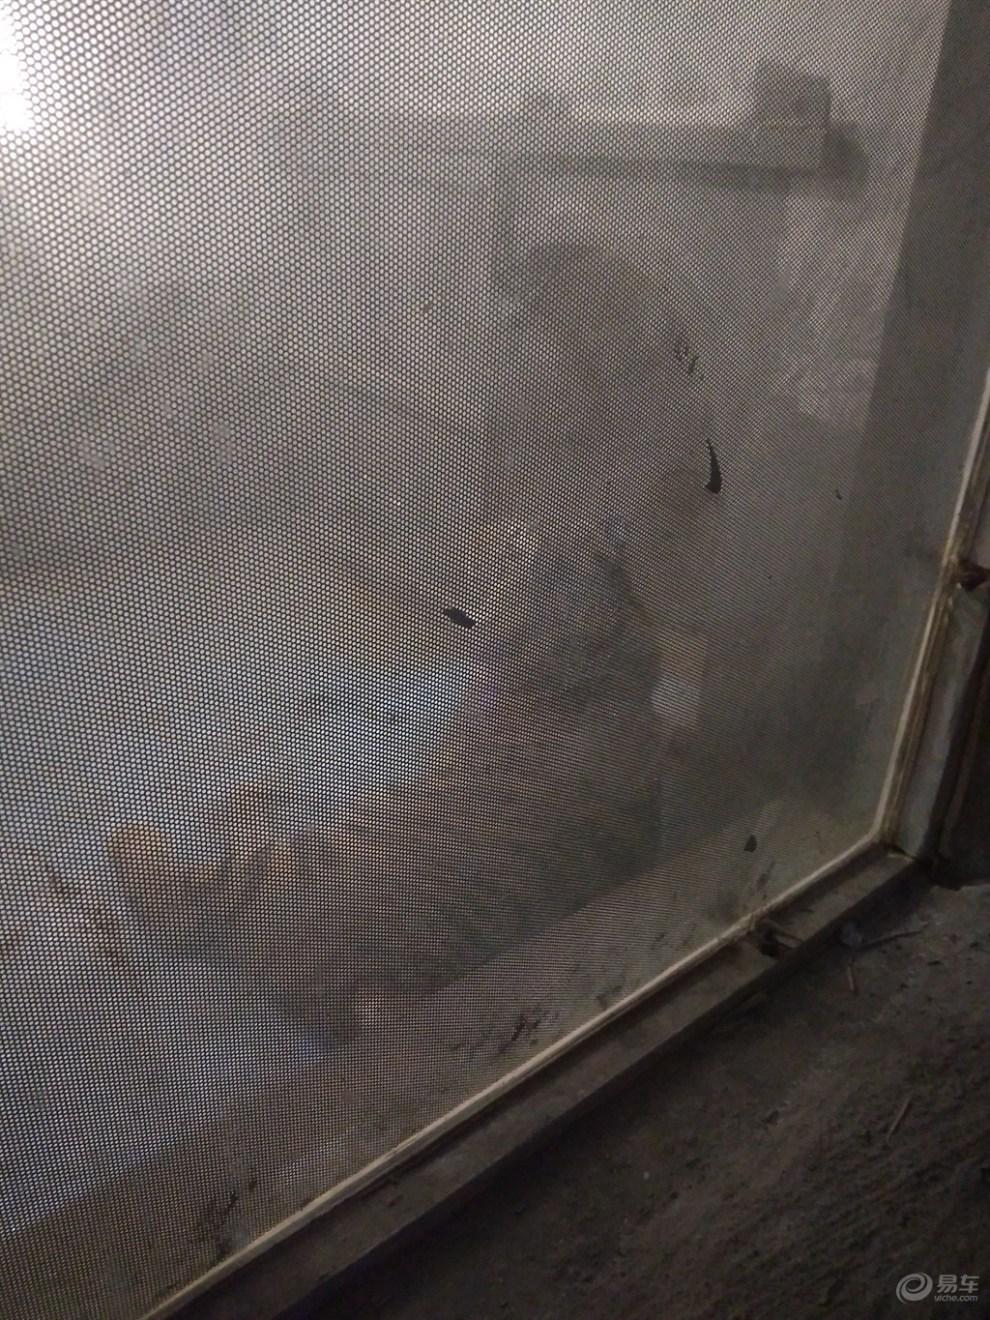 【五龙山野生动物园论坛值得一去】_成都攻略黄龙游记河南v论坛图片